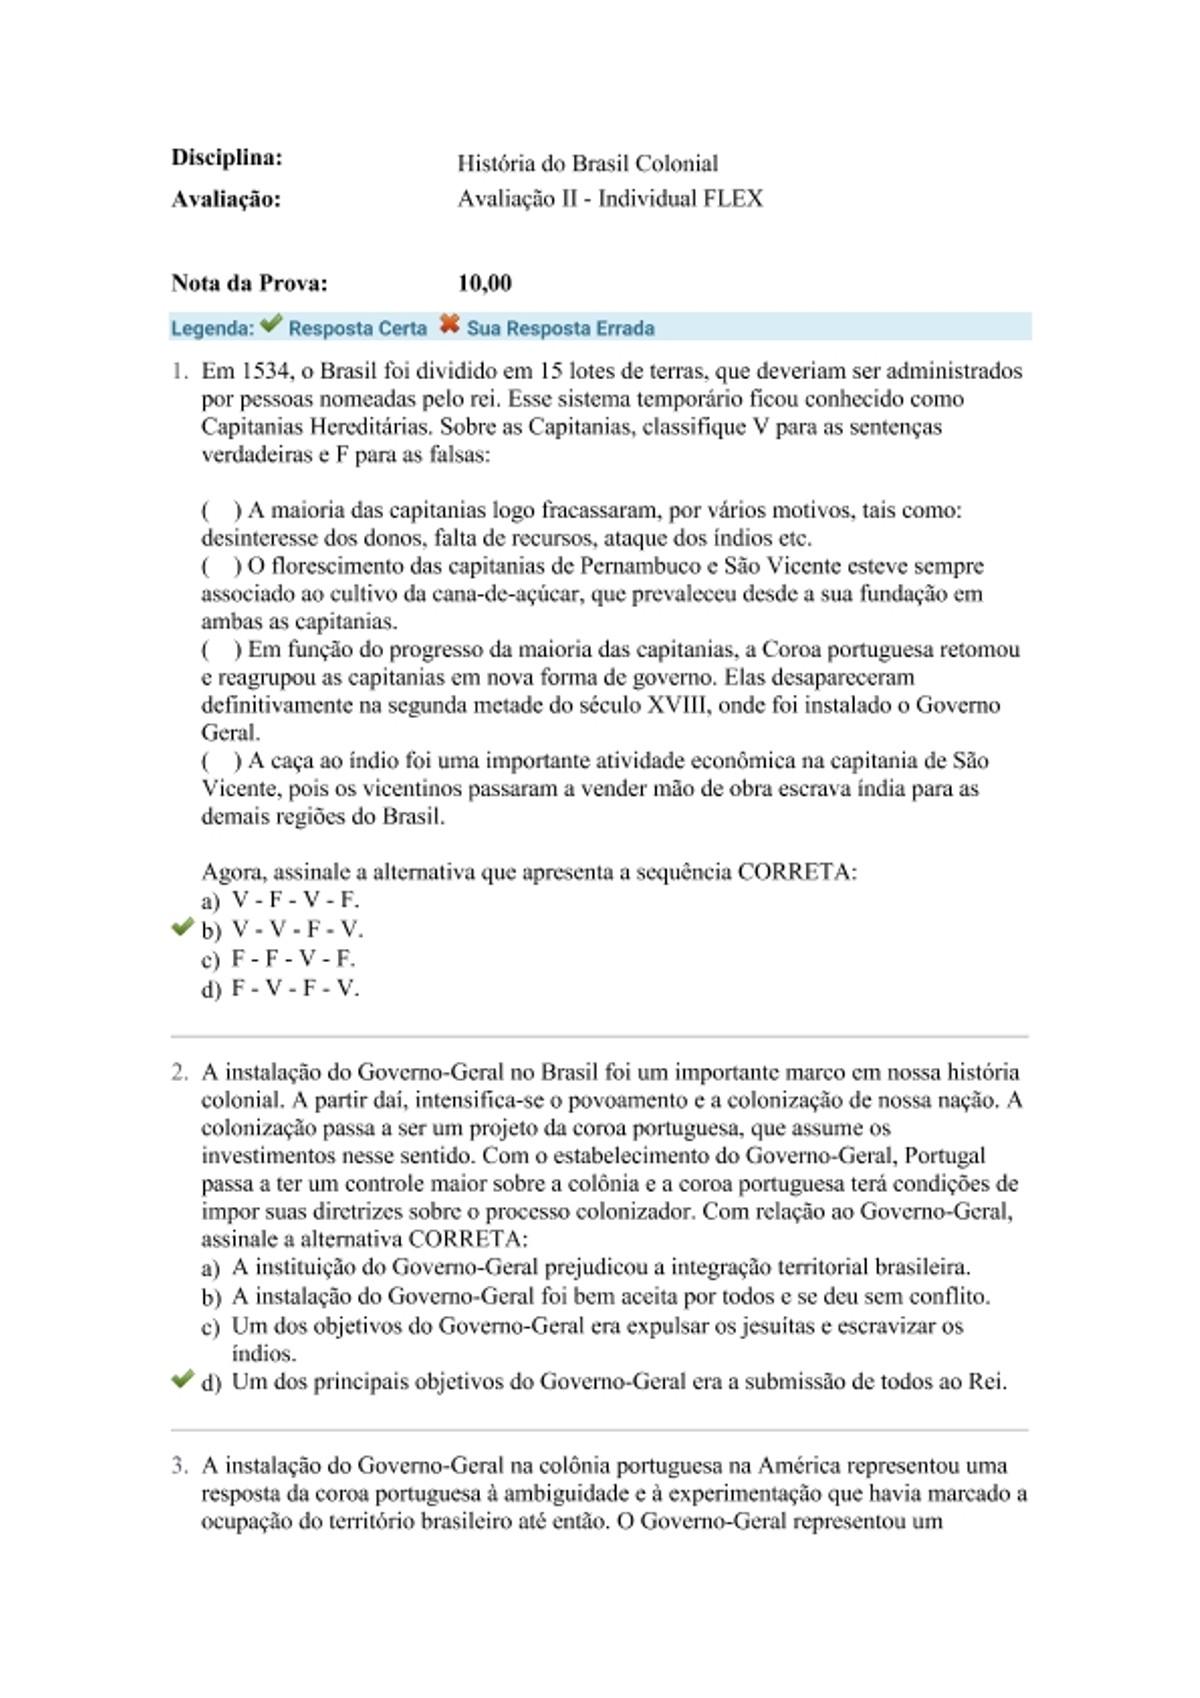 Pre-visualização do material História do Brasil Colonial avaliação 2 - página 1